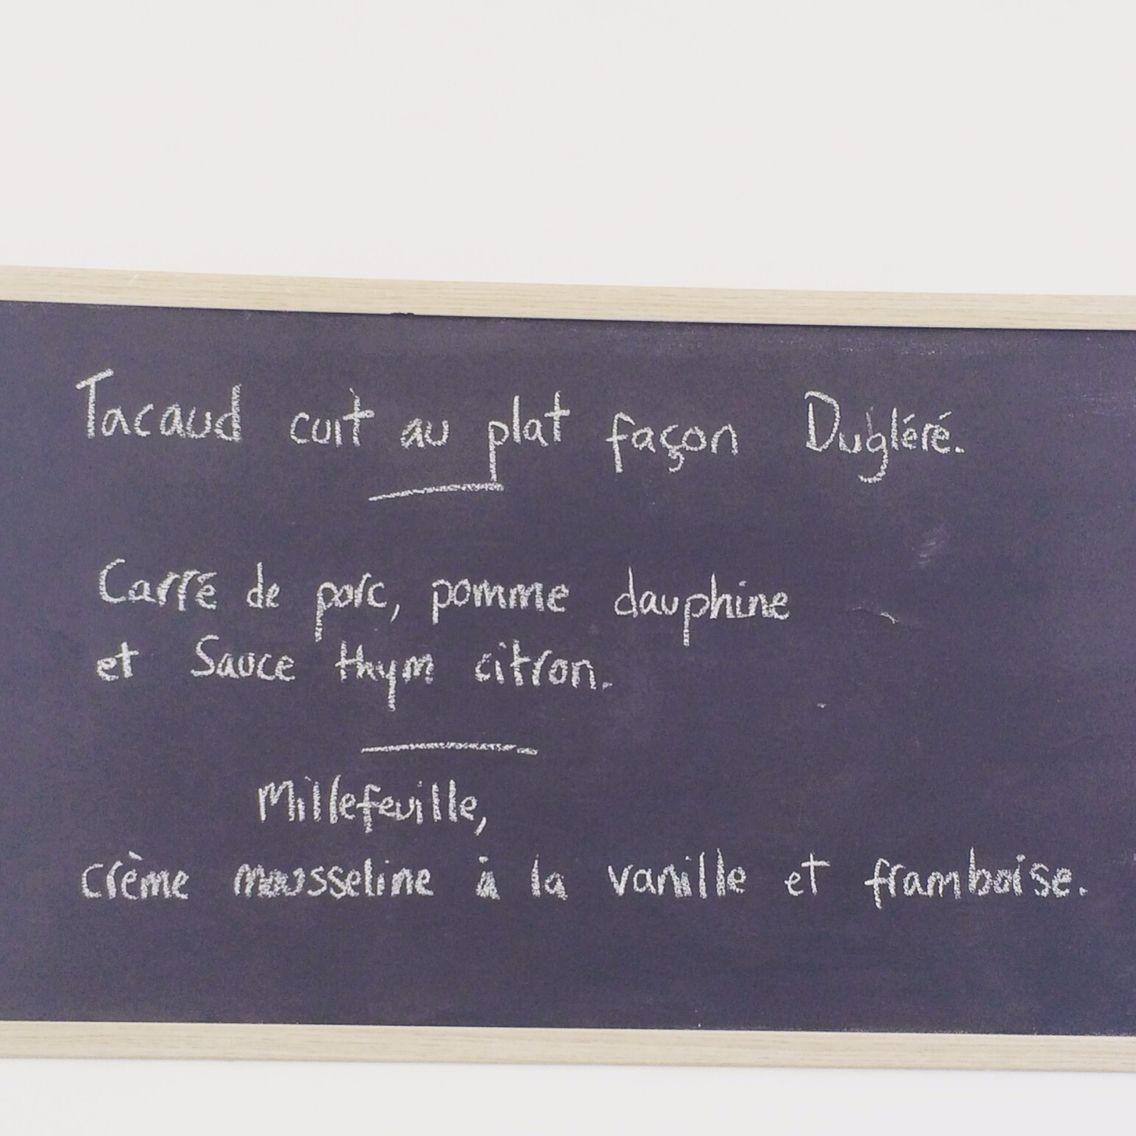 Atelier Cuisine Francaise Ptitchefacademy Coursdecuisine Caen Atelier Cuisine Cours De Cuisine Pomme Dauphine